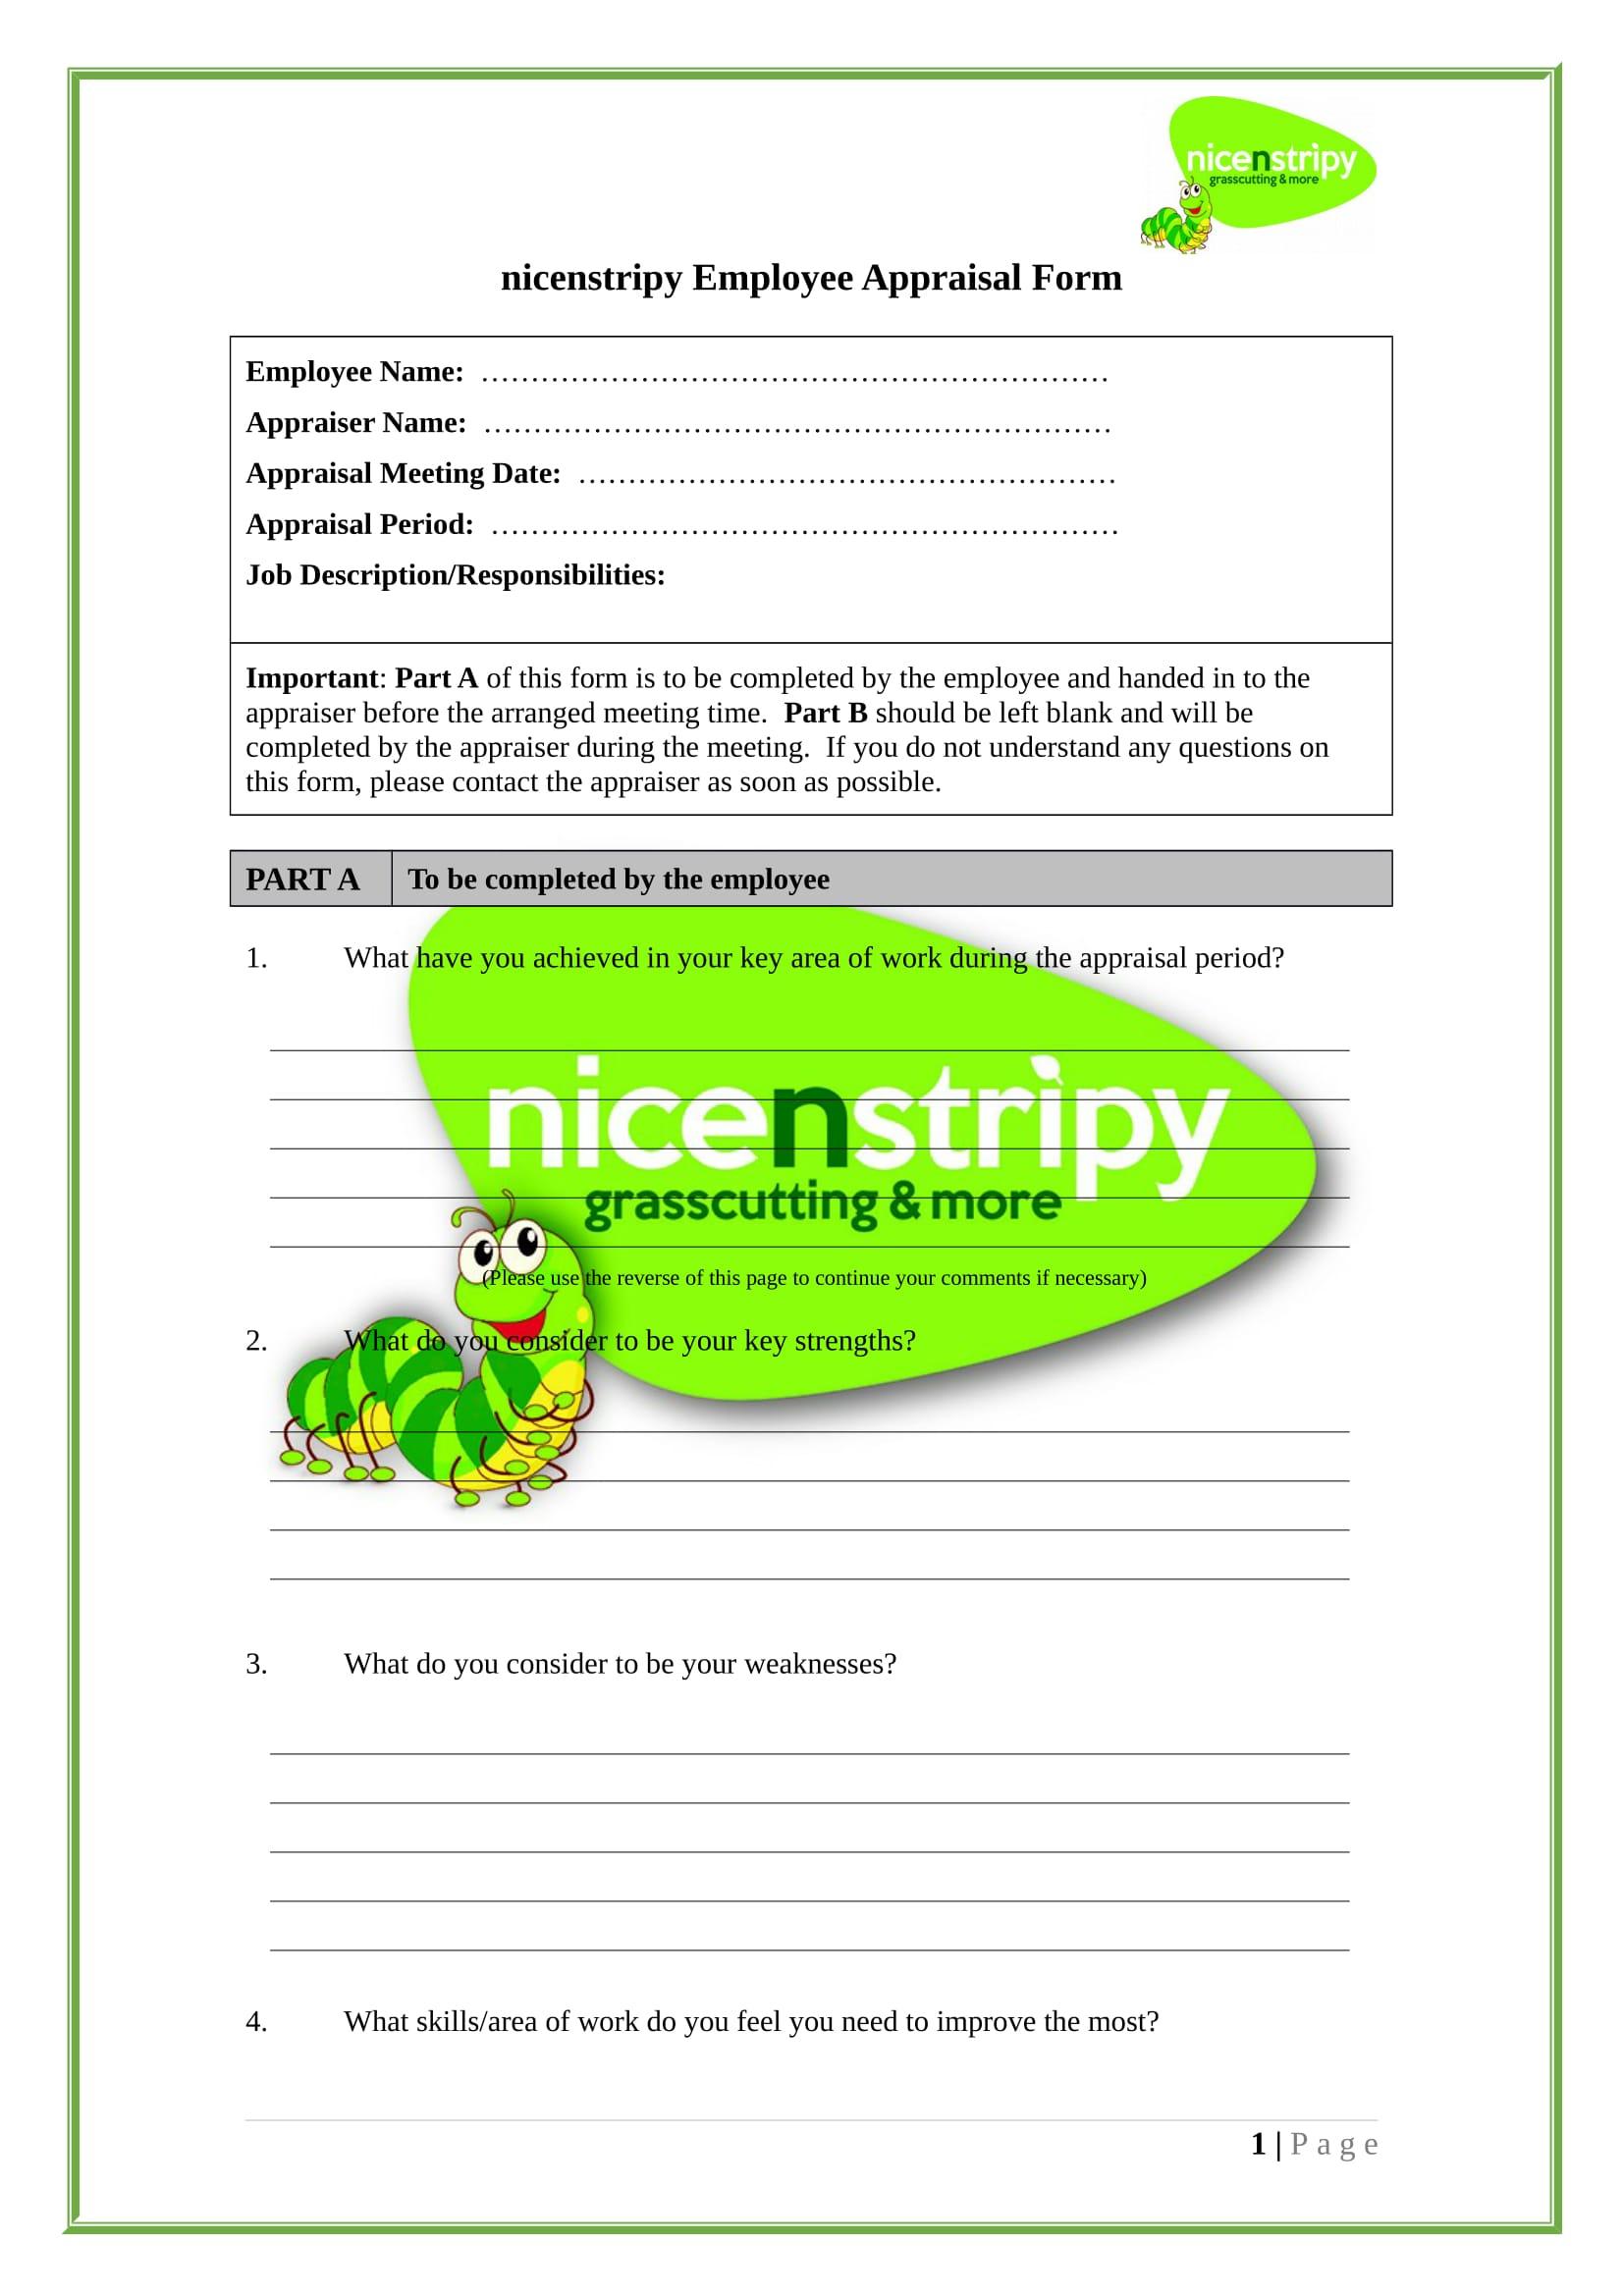 grasscutting employee appraisal form 1